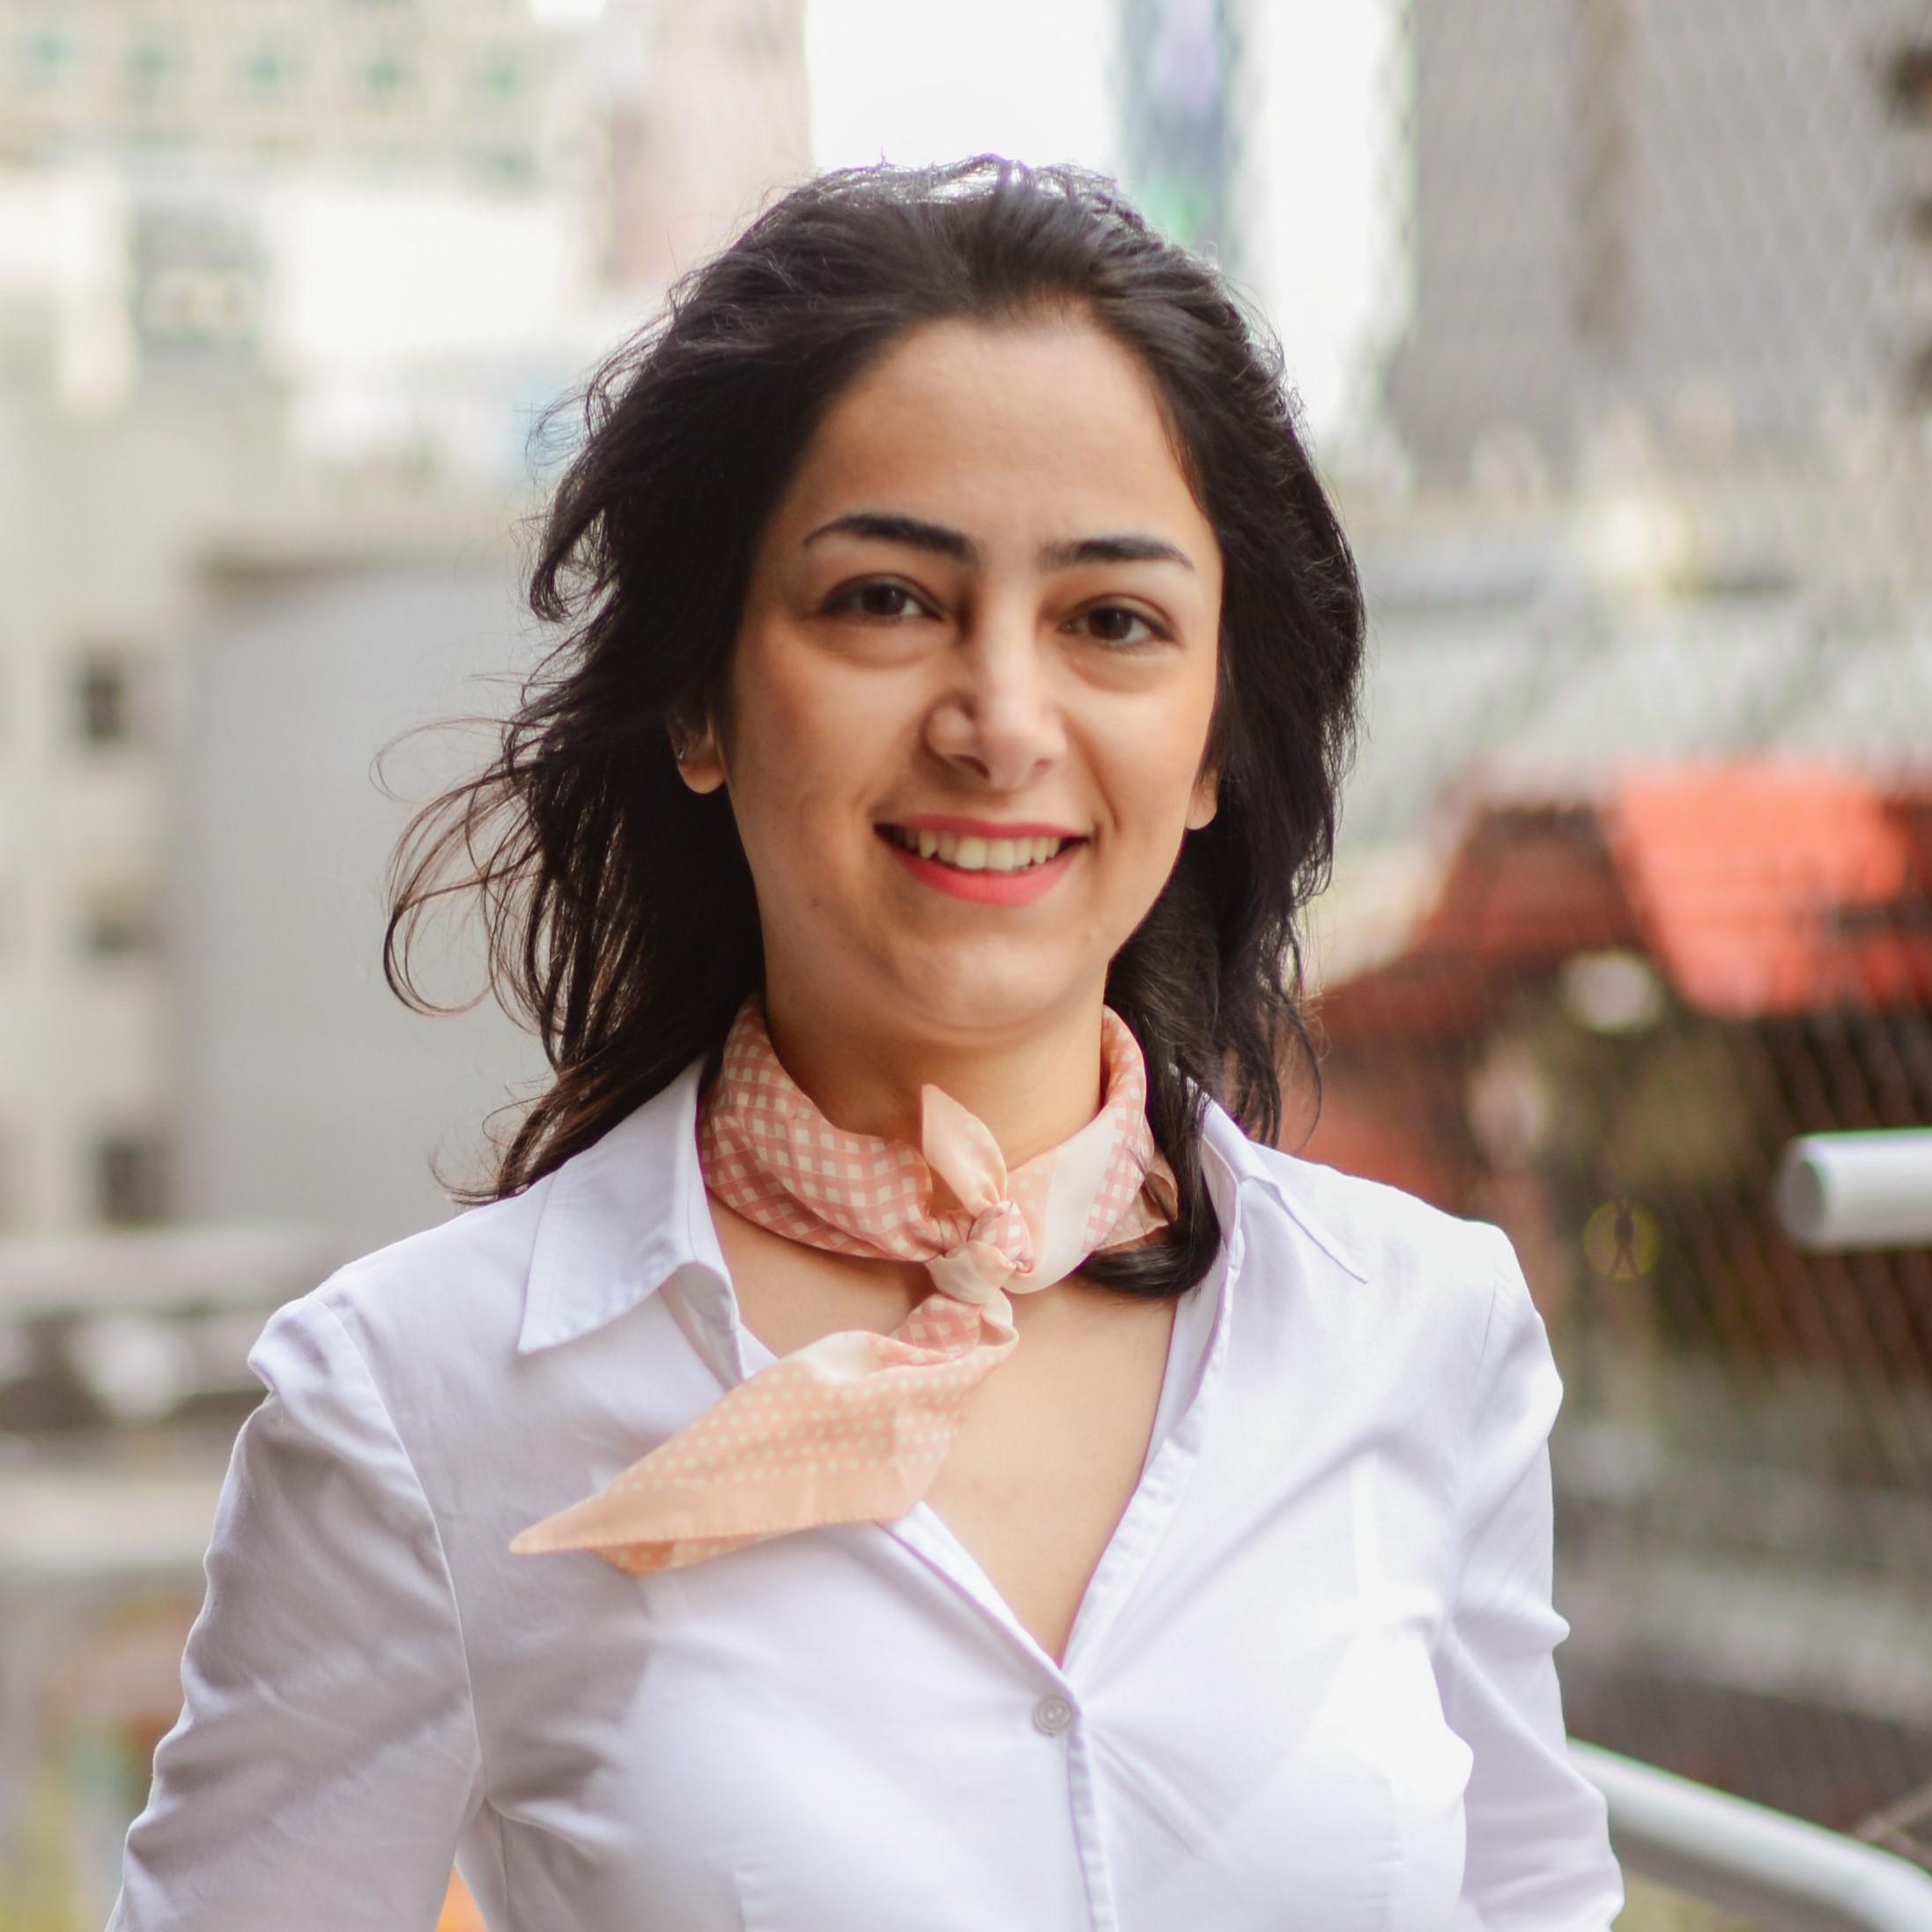 Samira Miryahyaei